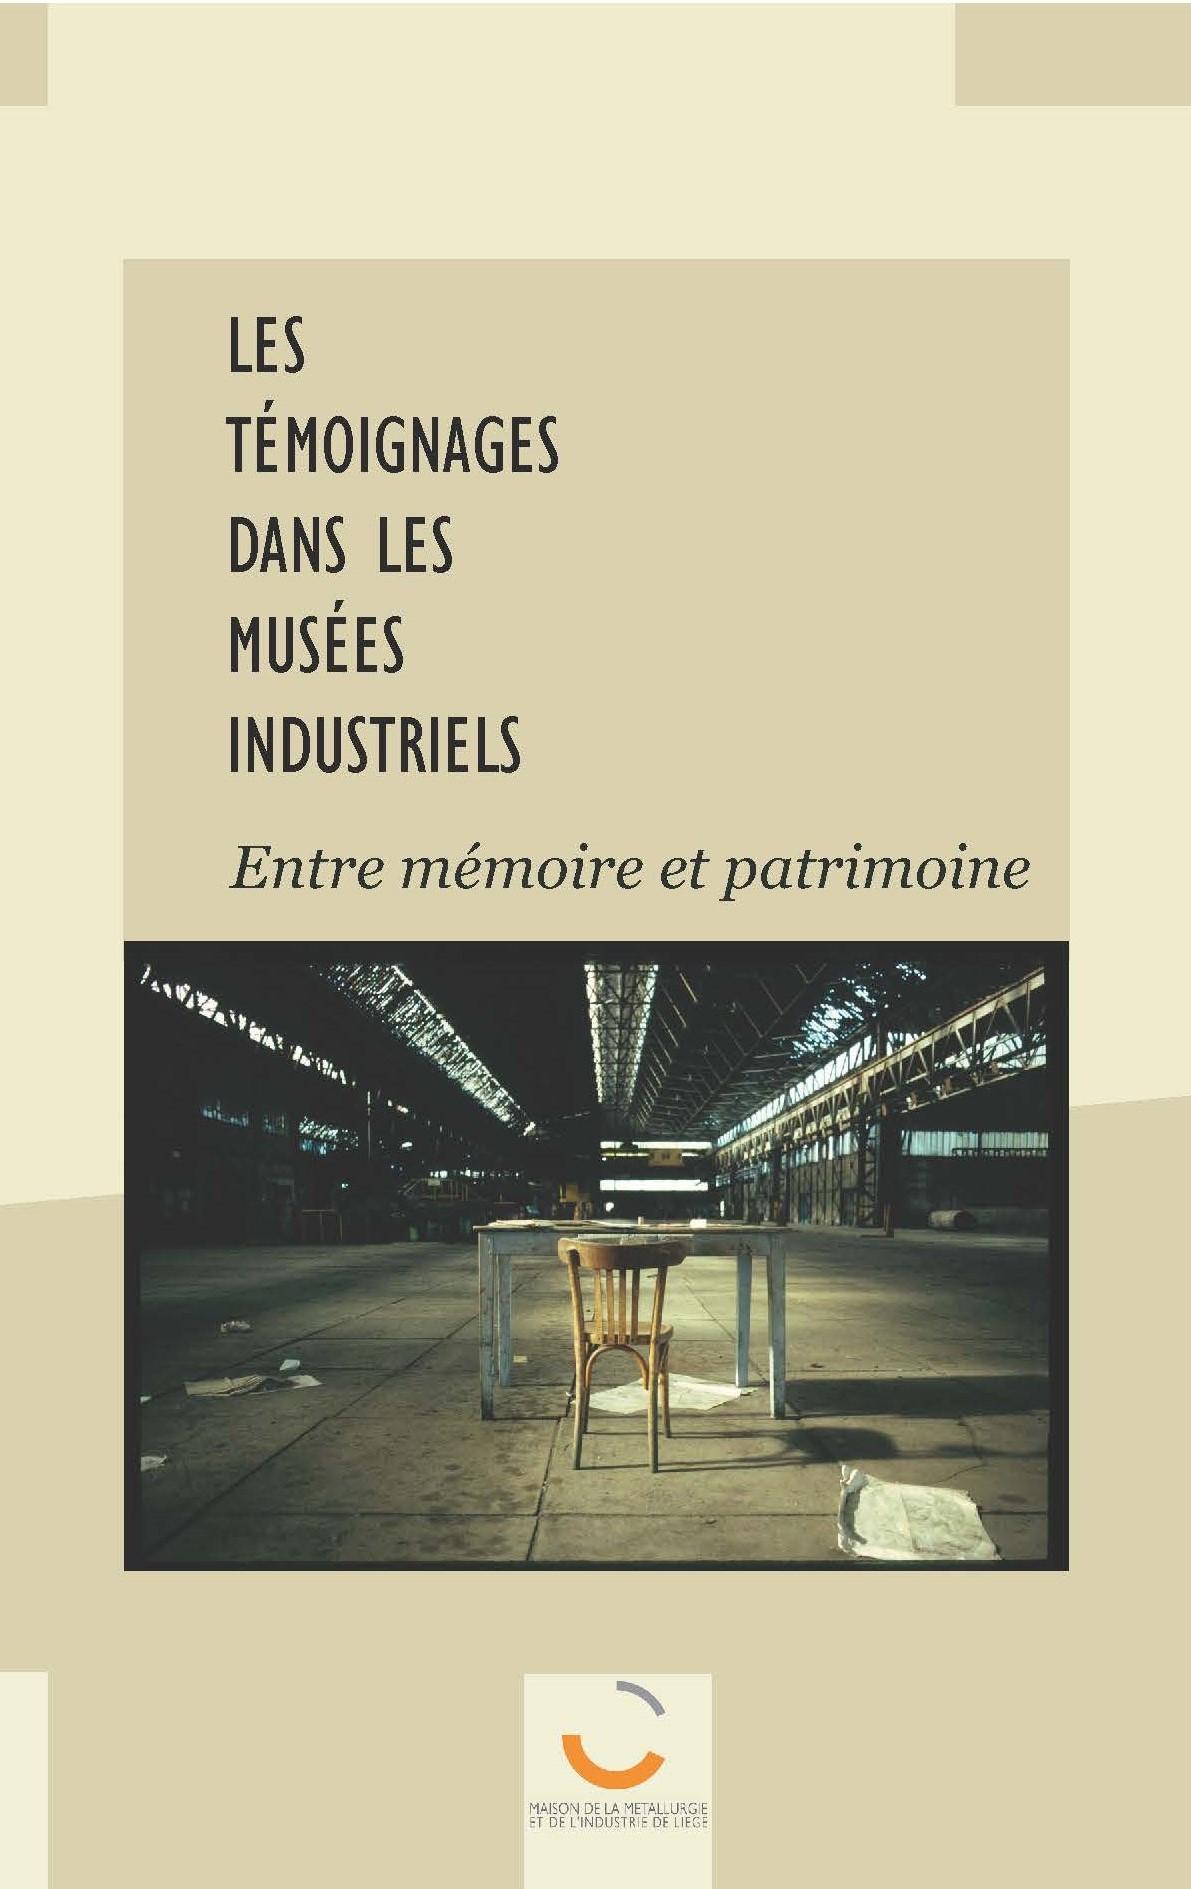 Les témoignages dans les musées industriels : entre mémoire et patrimoine.